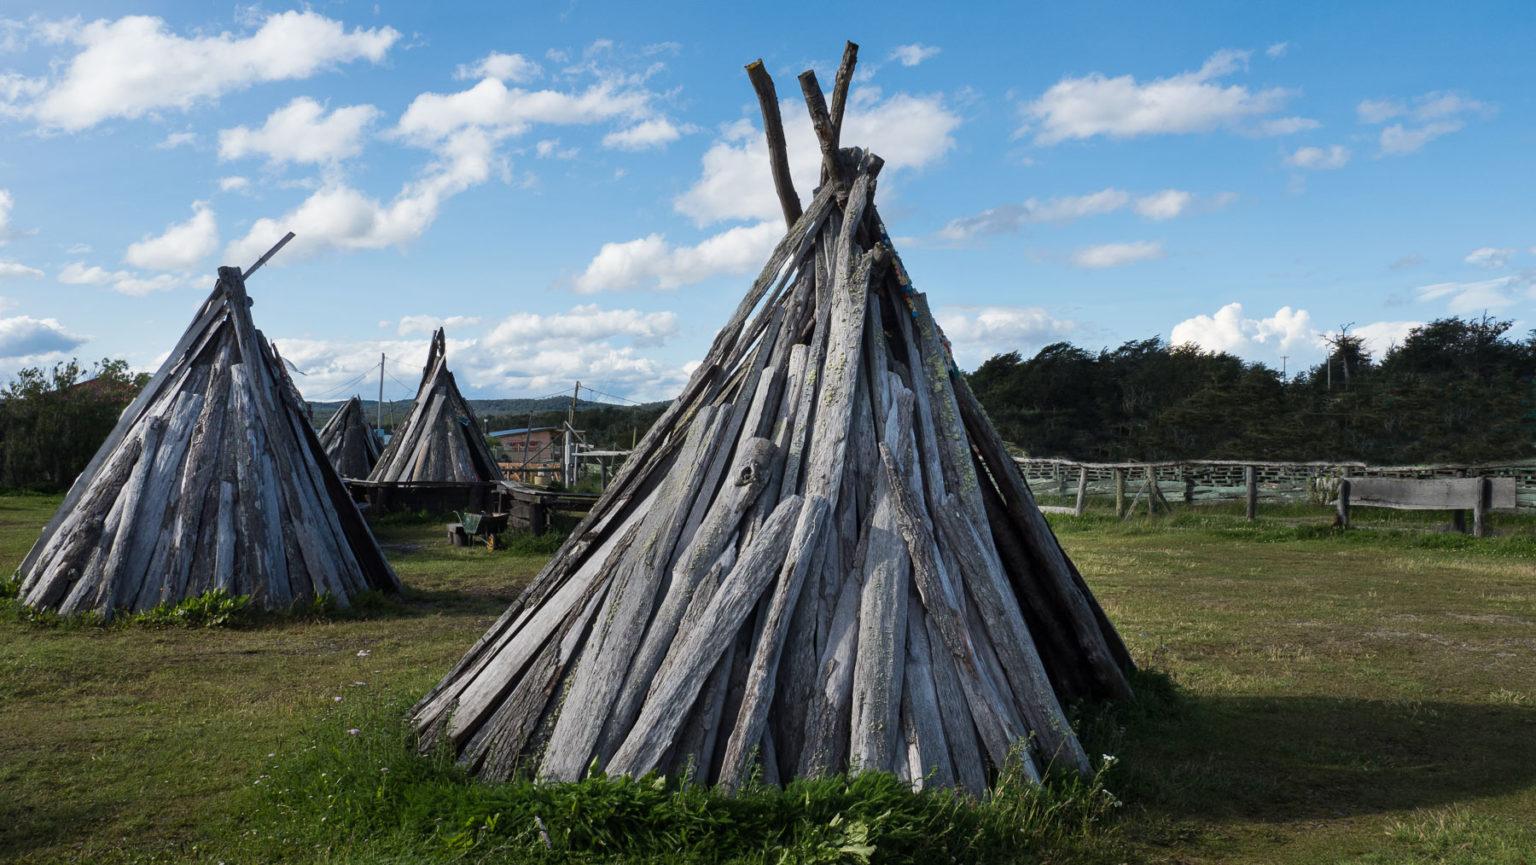 Einfache Behausungen auf einem Campingplatz, wie von den Ureinwohnern